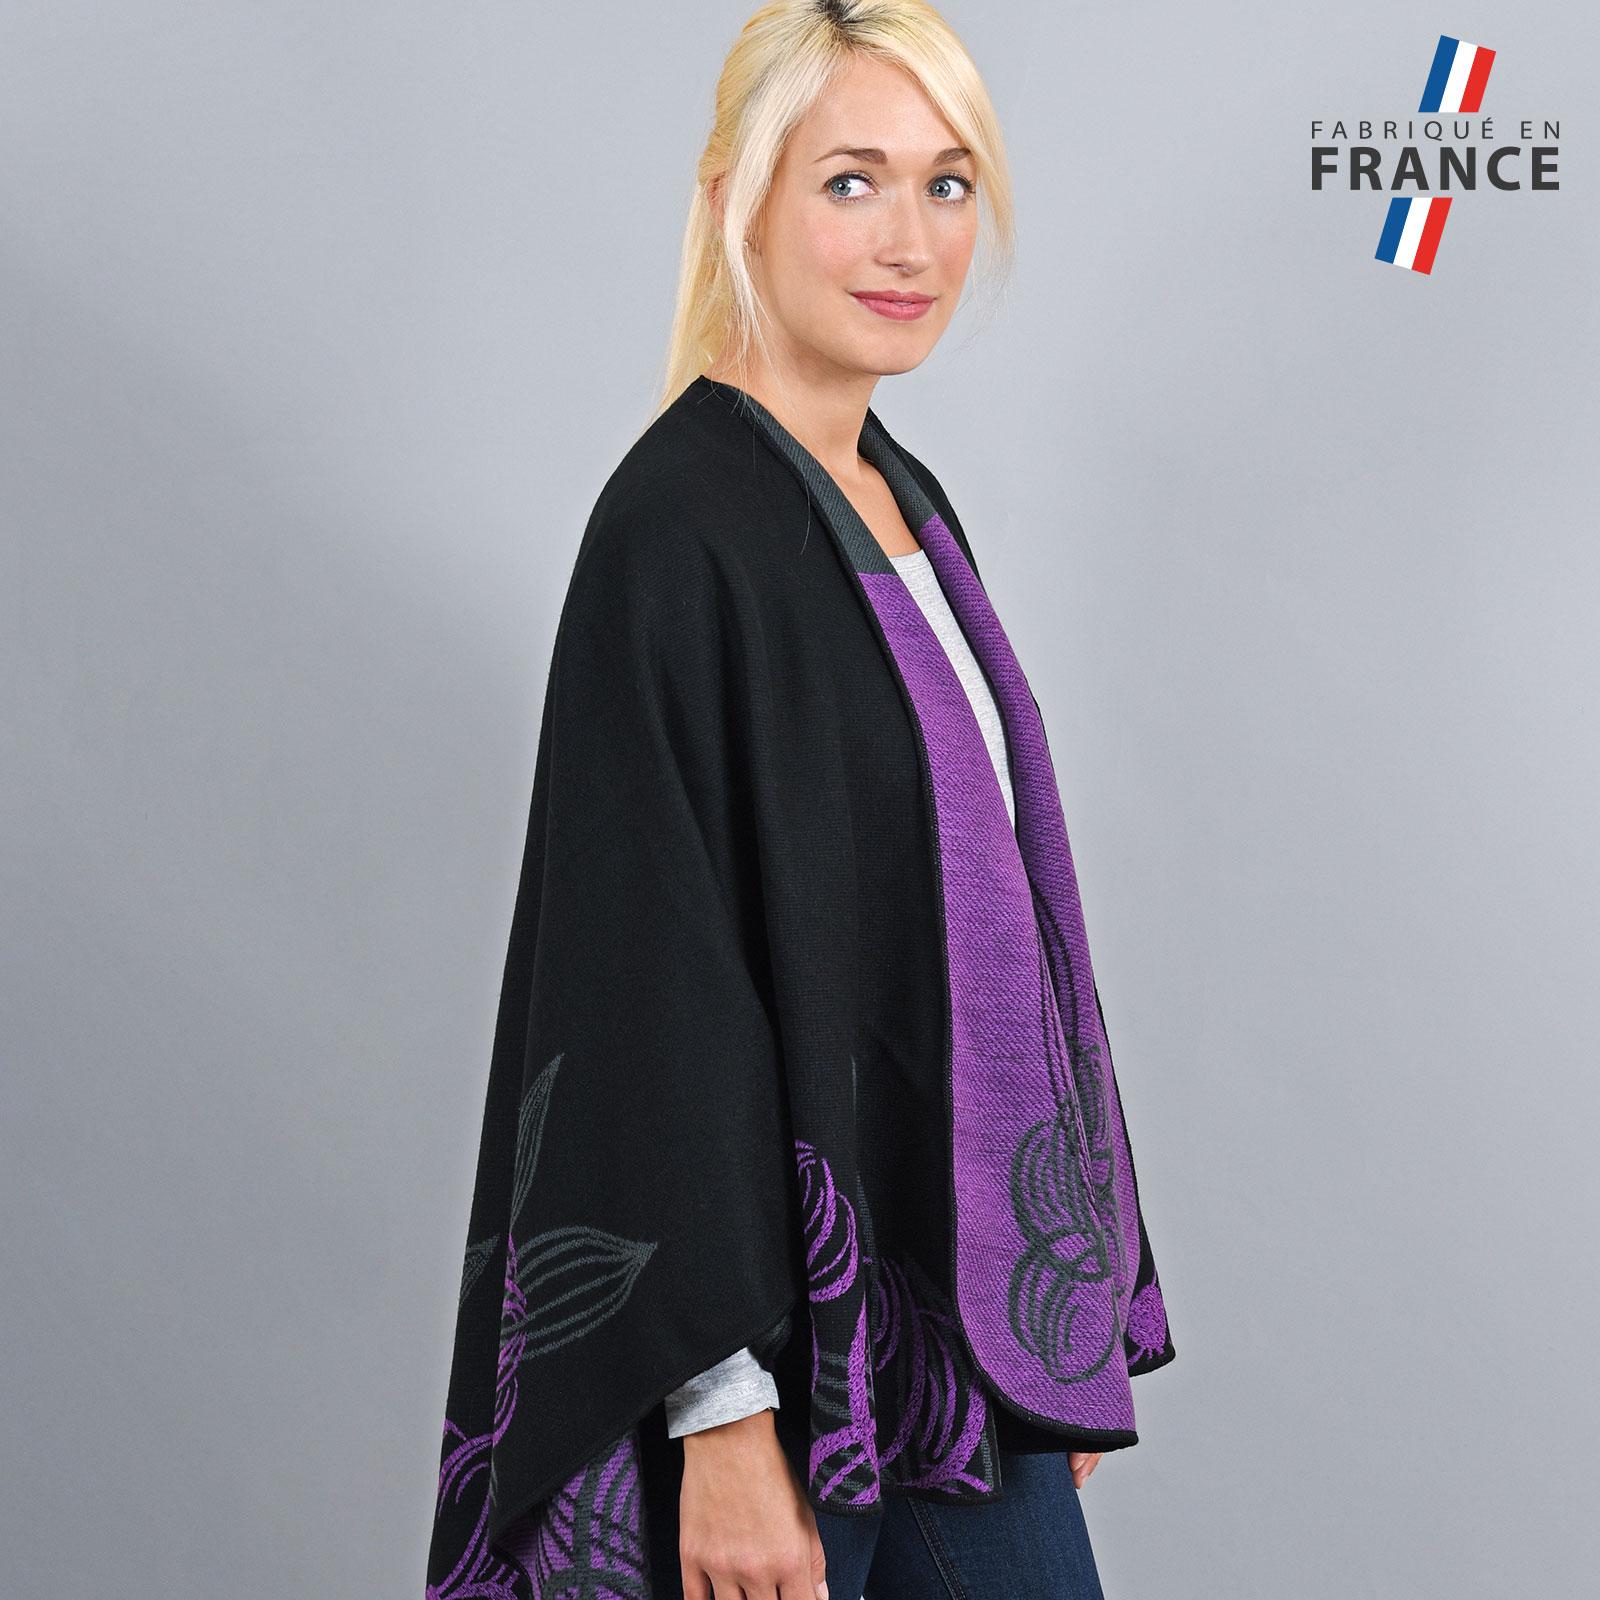 AT-03253-VF16-2-LB_FR-poncho-femme-noir-fleurs-mauve-fabrique-en-france